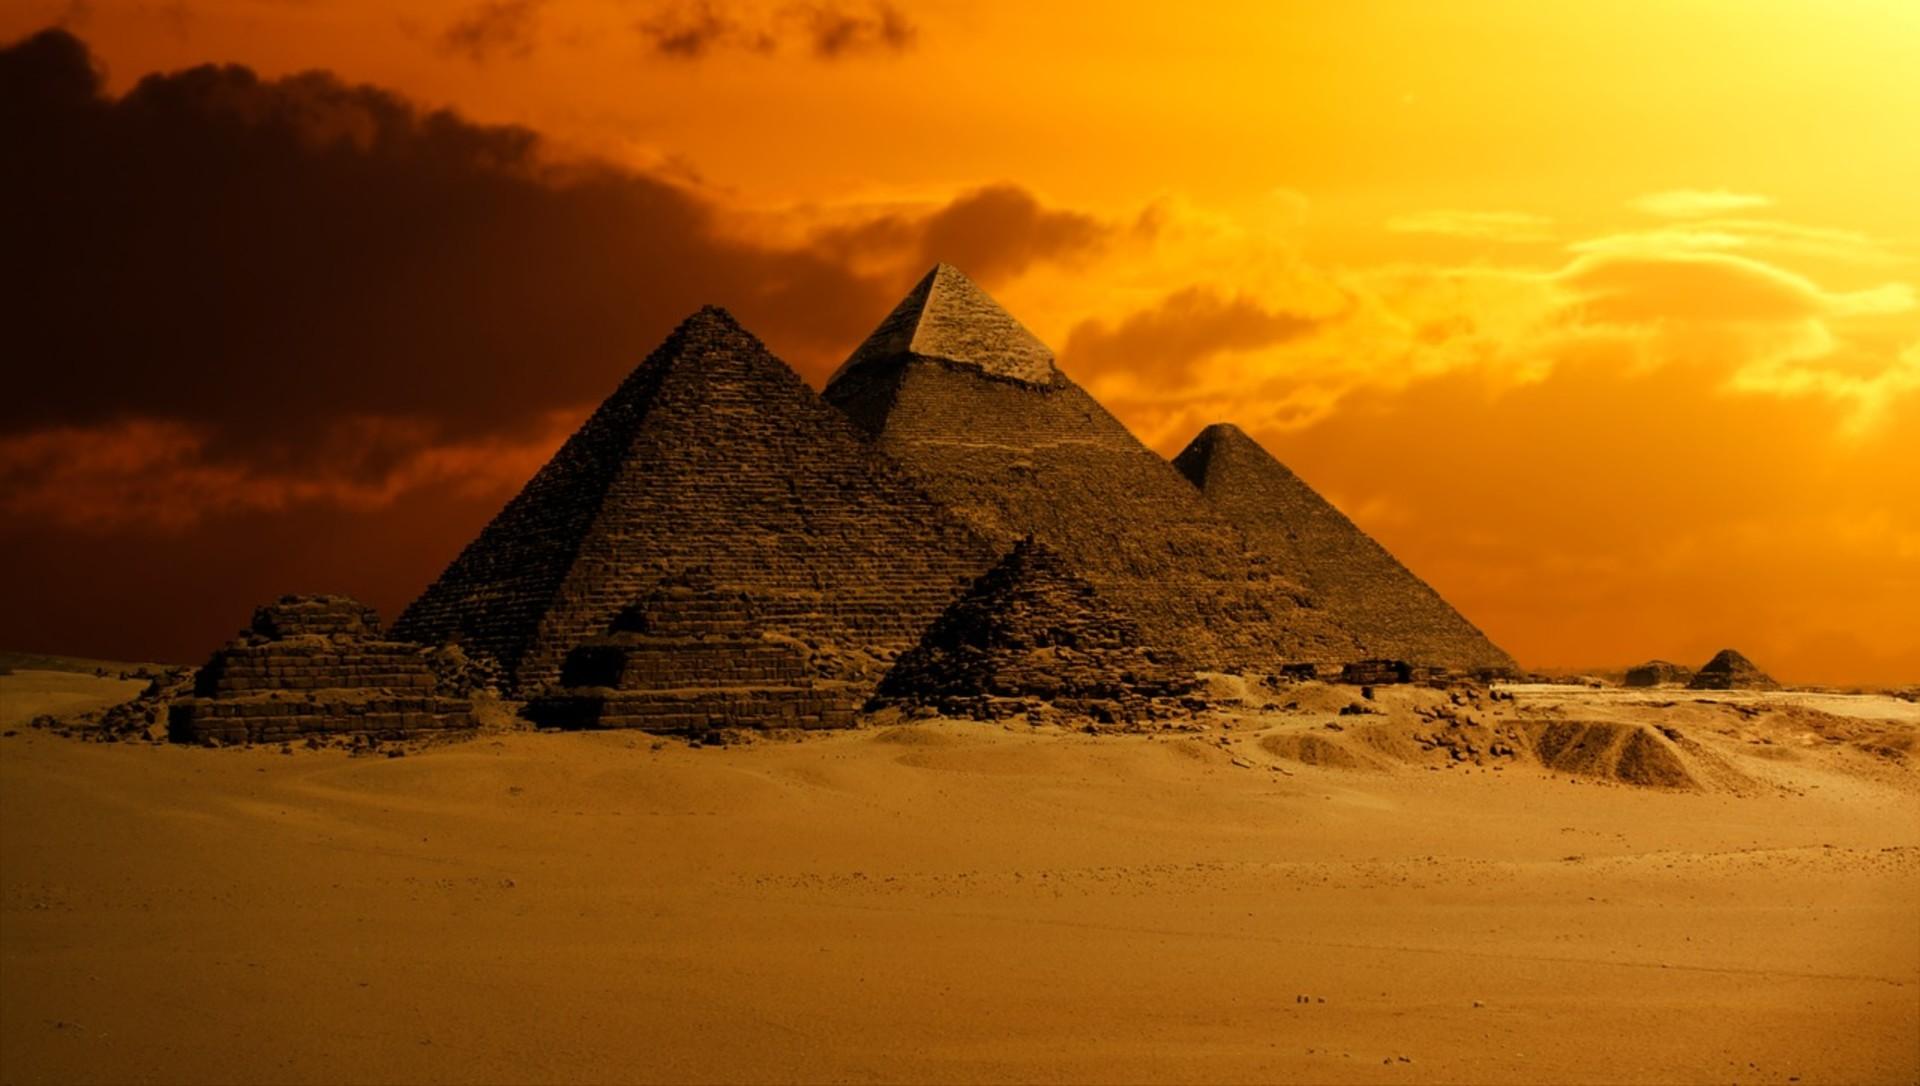 pyramid-2675466_1280.jpg